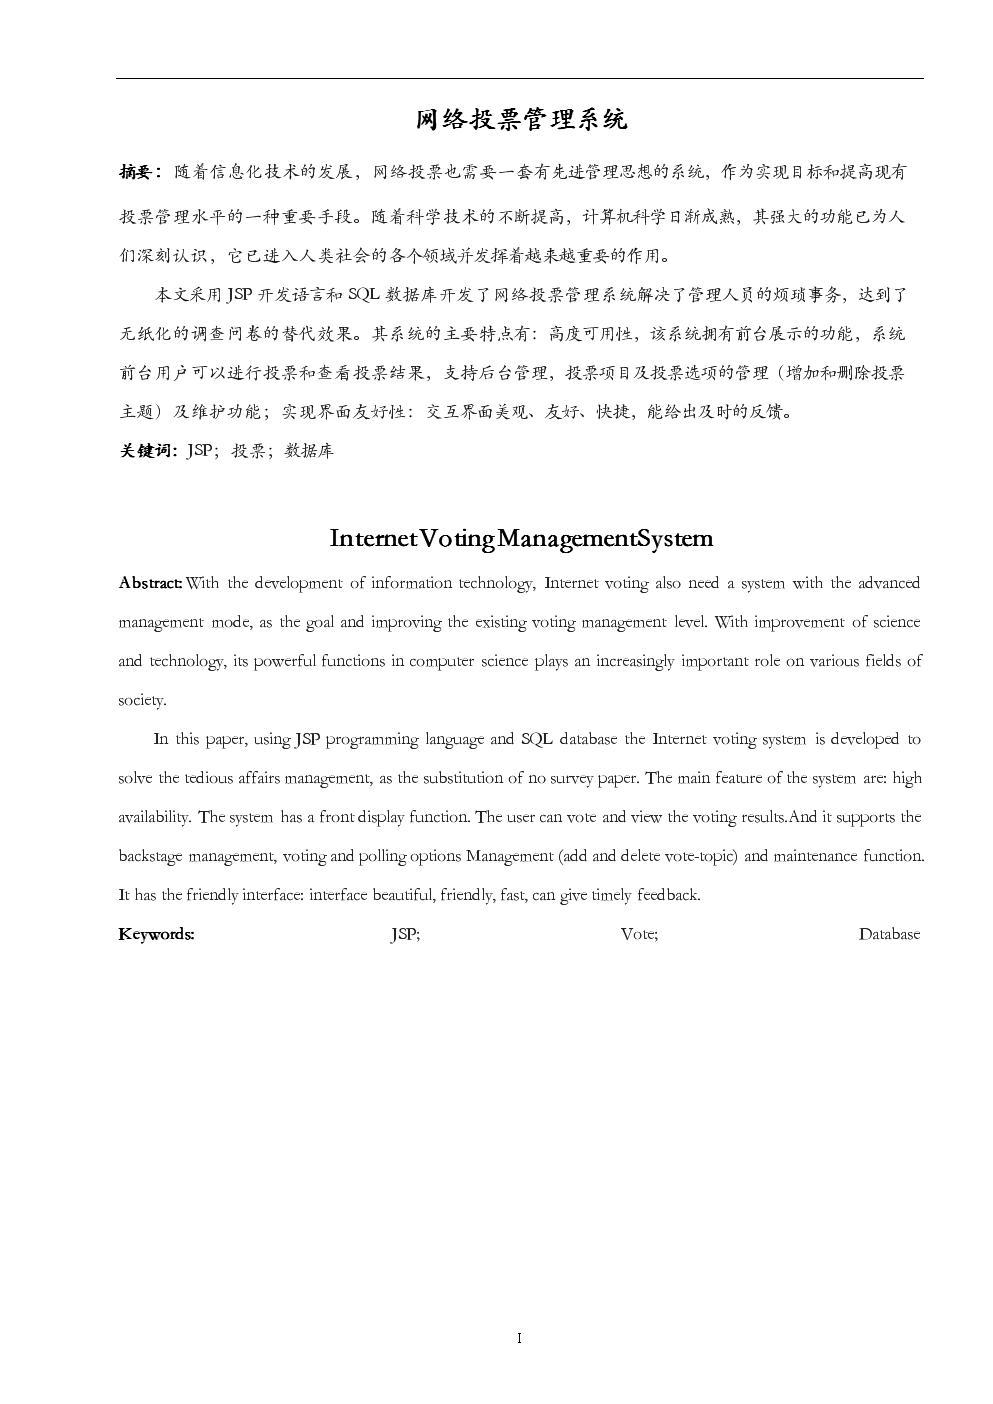 網絡投票與管理系統畢業設計.doc